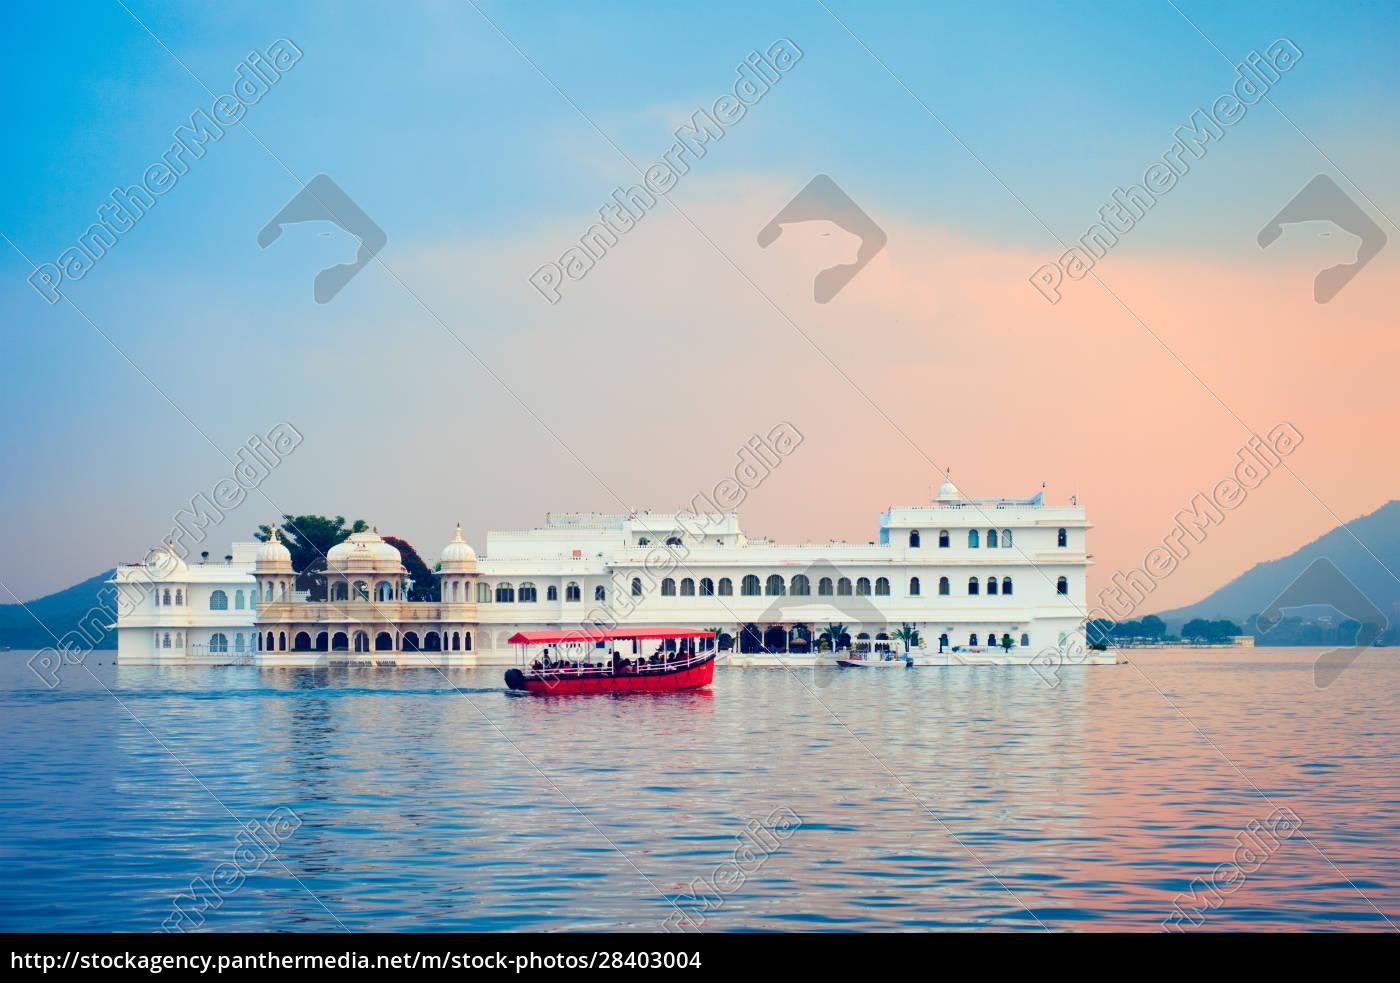 lake, palace, palace, on, lake, pichola - 28403004